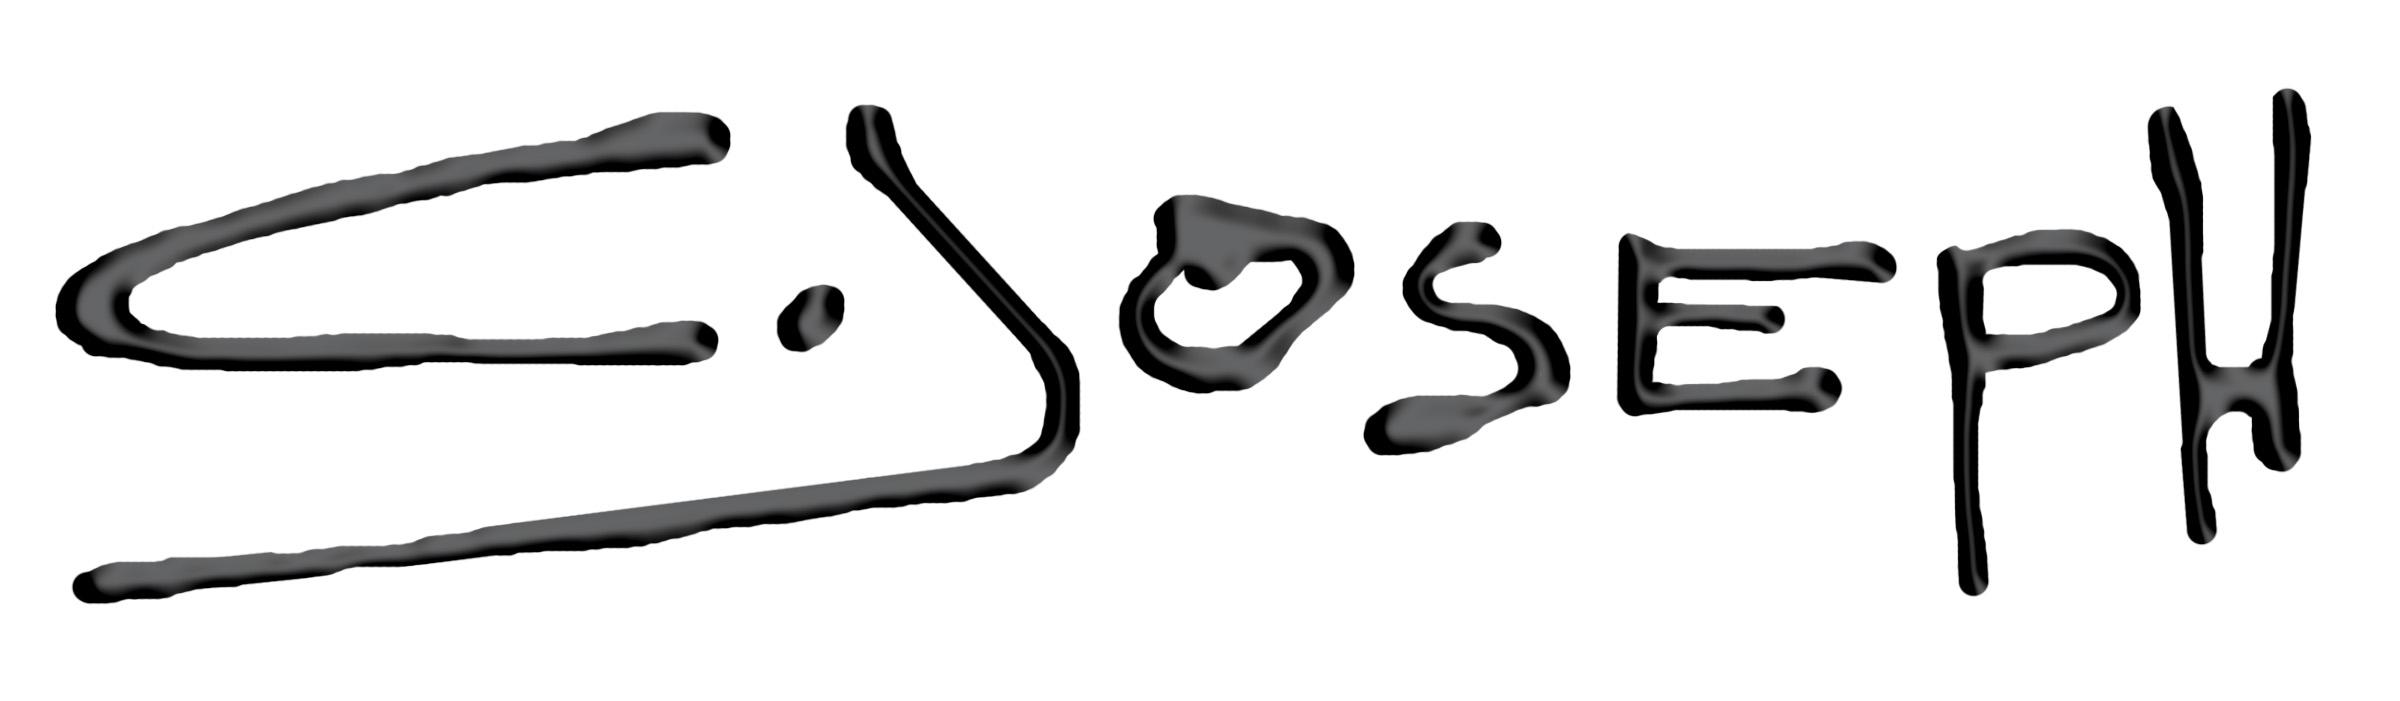 CJoseph ART Signature